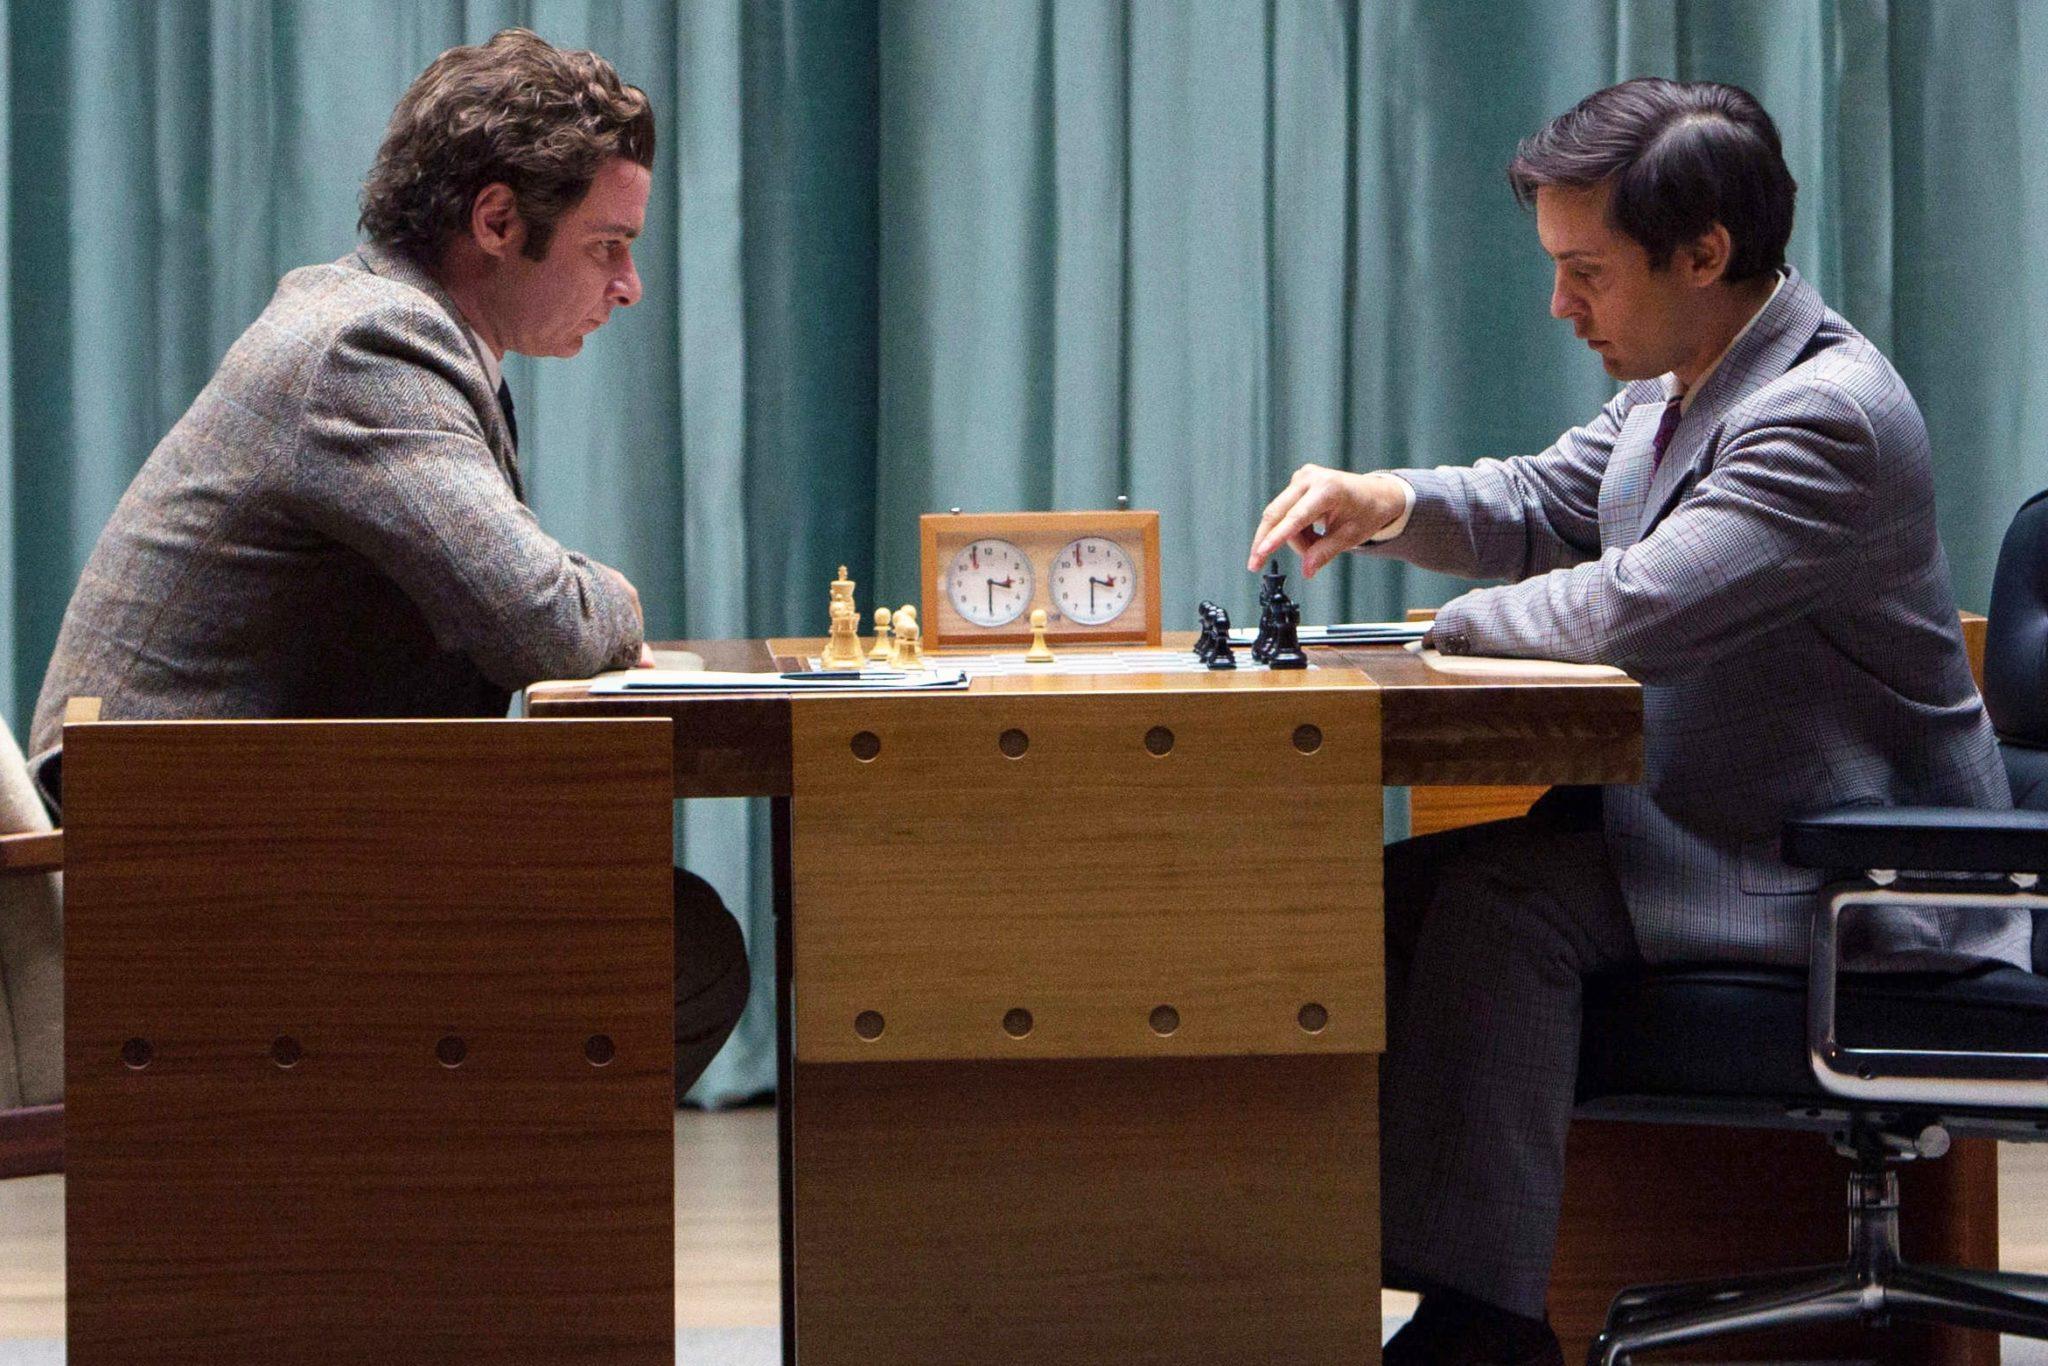 Liev Schreiber es Boris Spassky y Tobey Maguire como Bobby Fischer, en el filme 'La Jugada Maestra' (Pawn Sacrifice). En cines 26 de febrero.